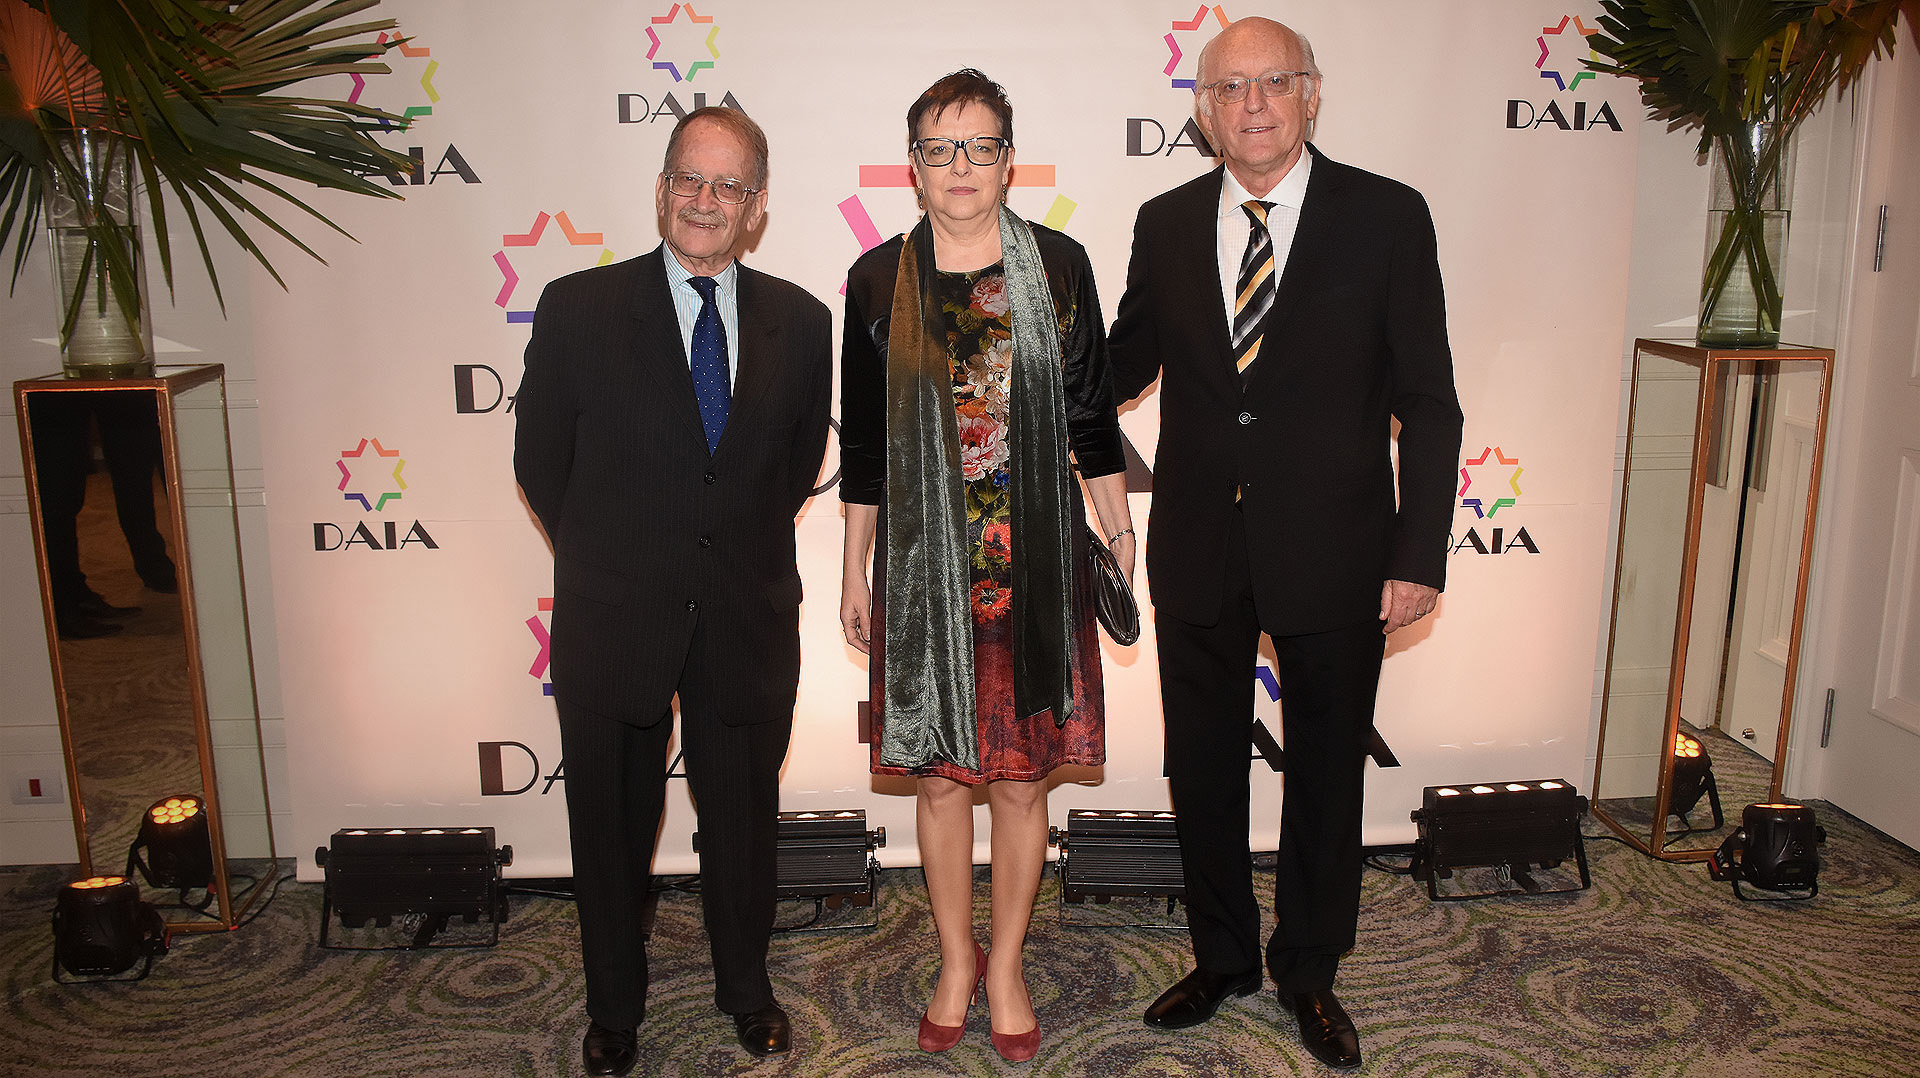 Mario Tannenbaum, secretario general de la DAIA; la embajadora de Rumania, Carmen Podgorean; y Alberto Indij